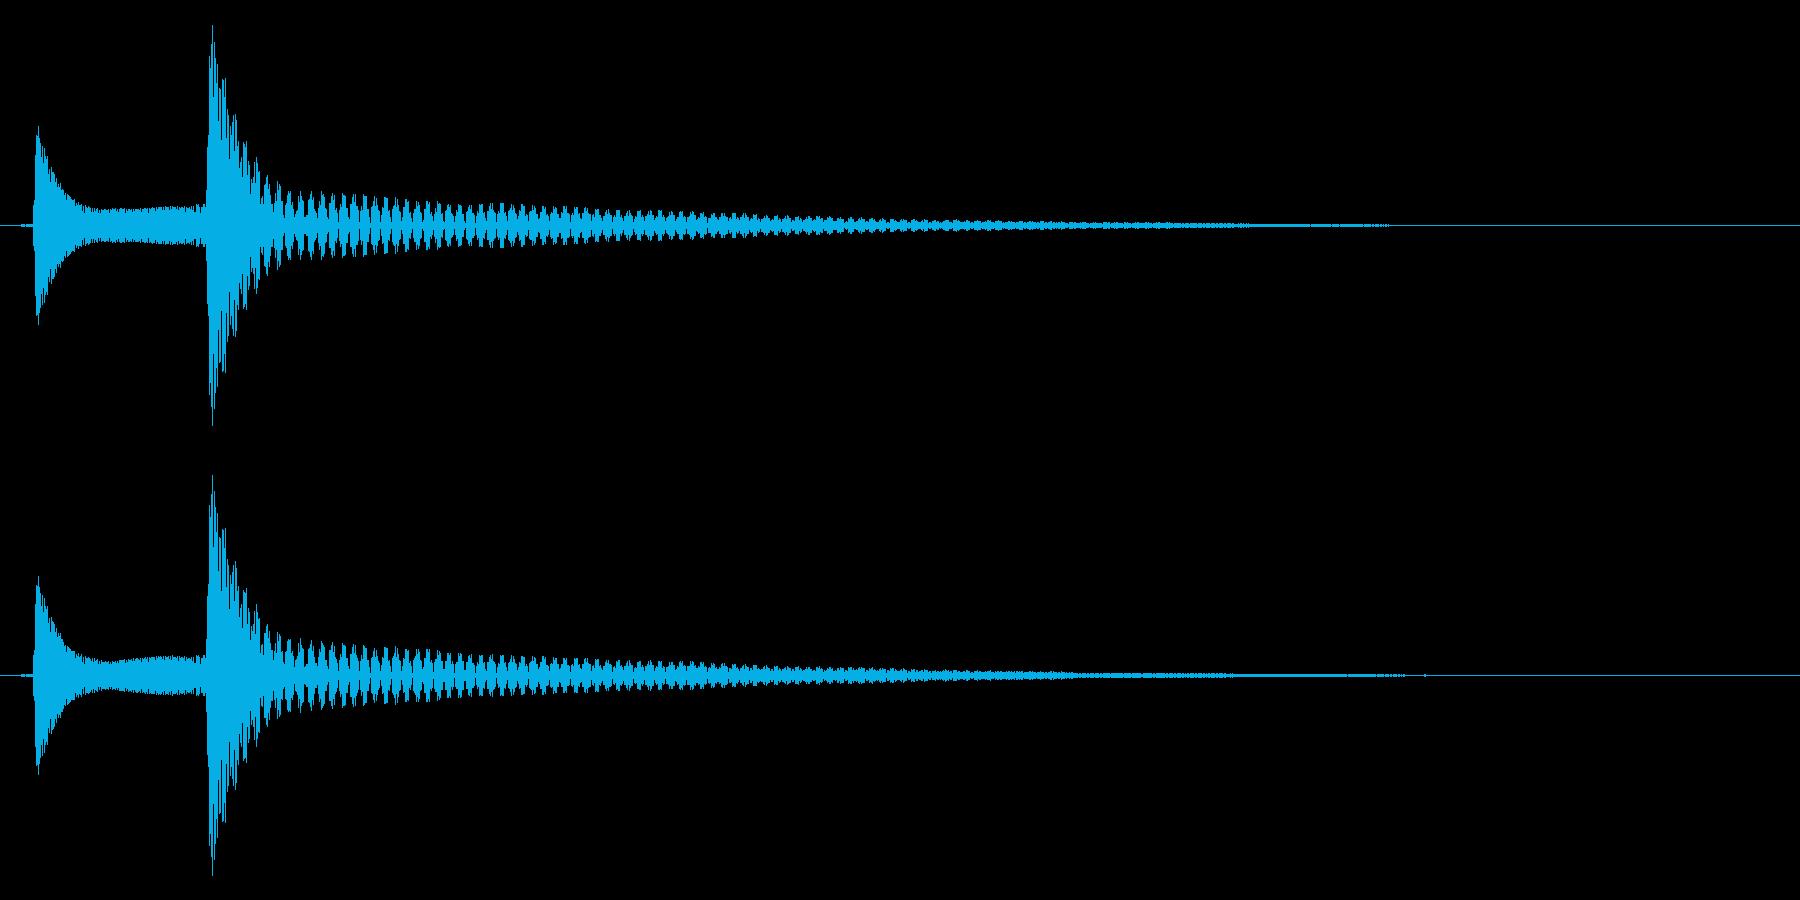 ポコッ↓/木琴/かわいいの再生済みの波形